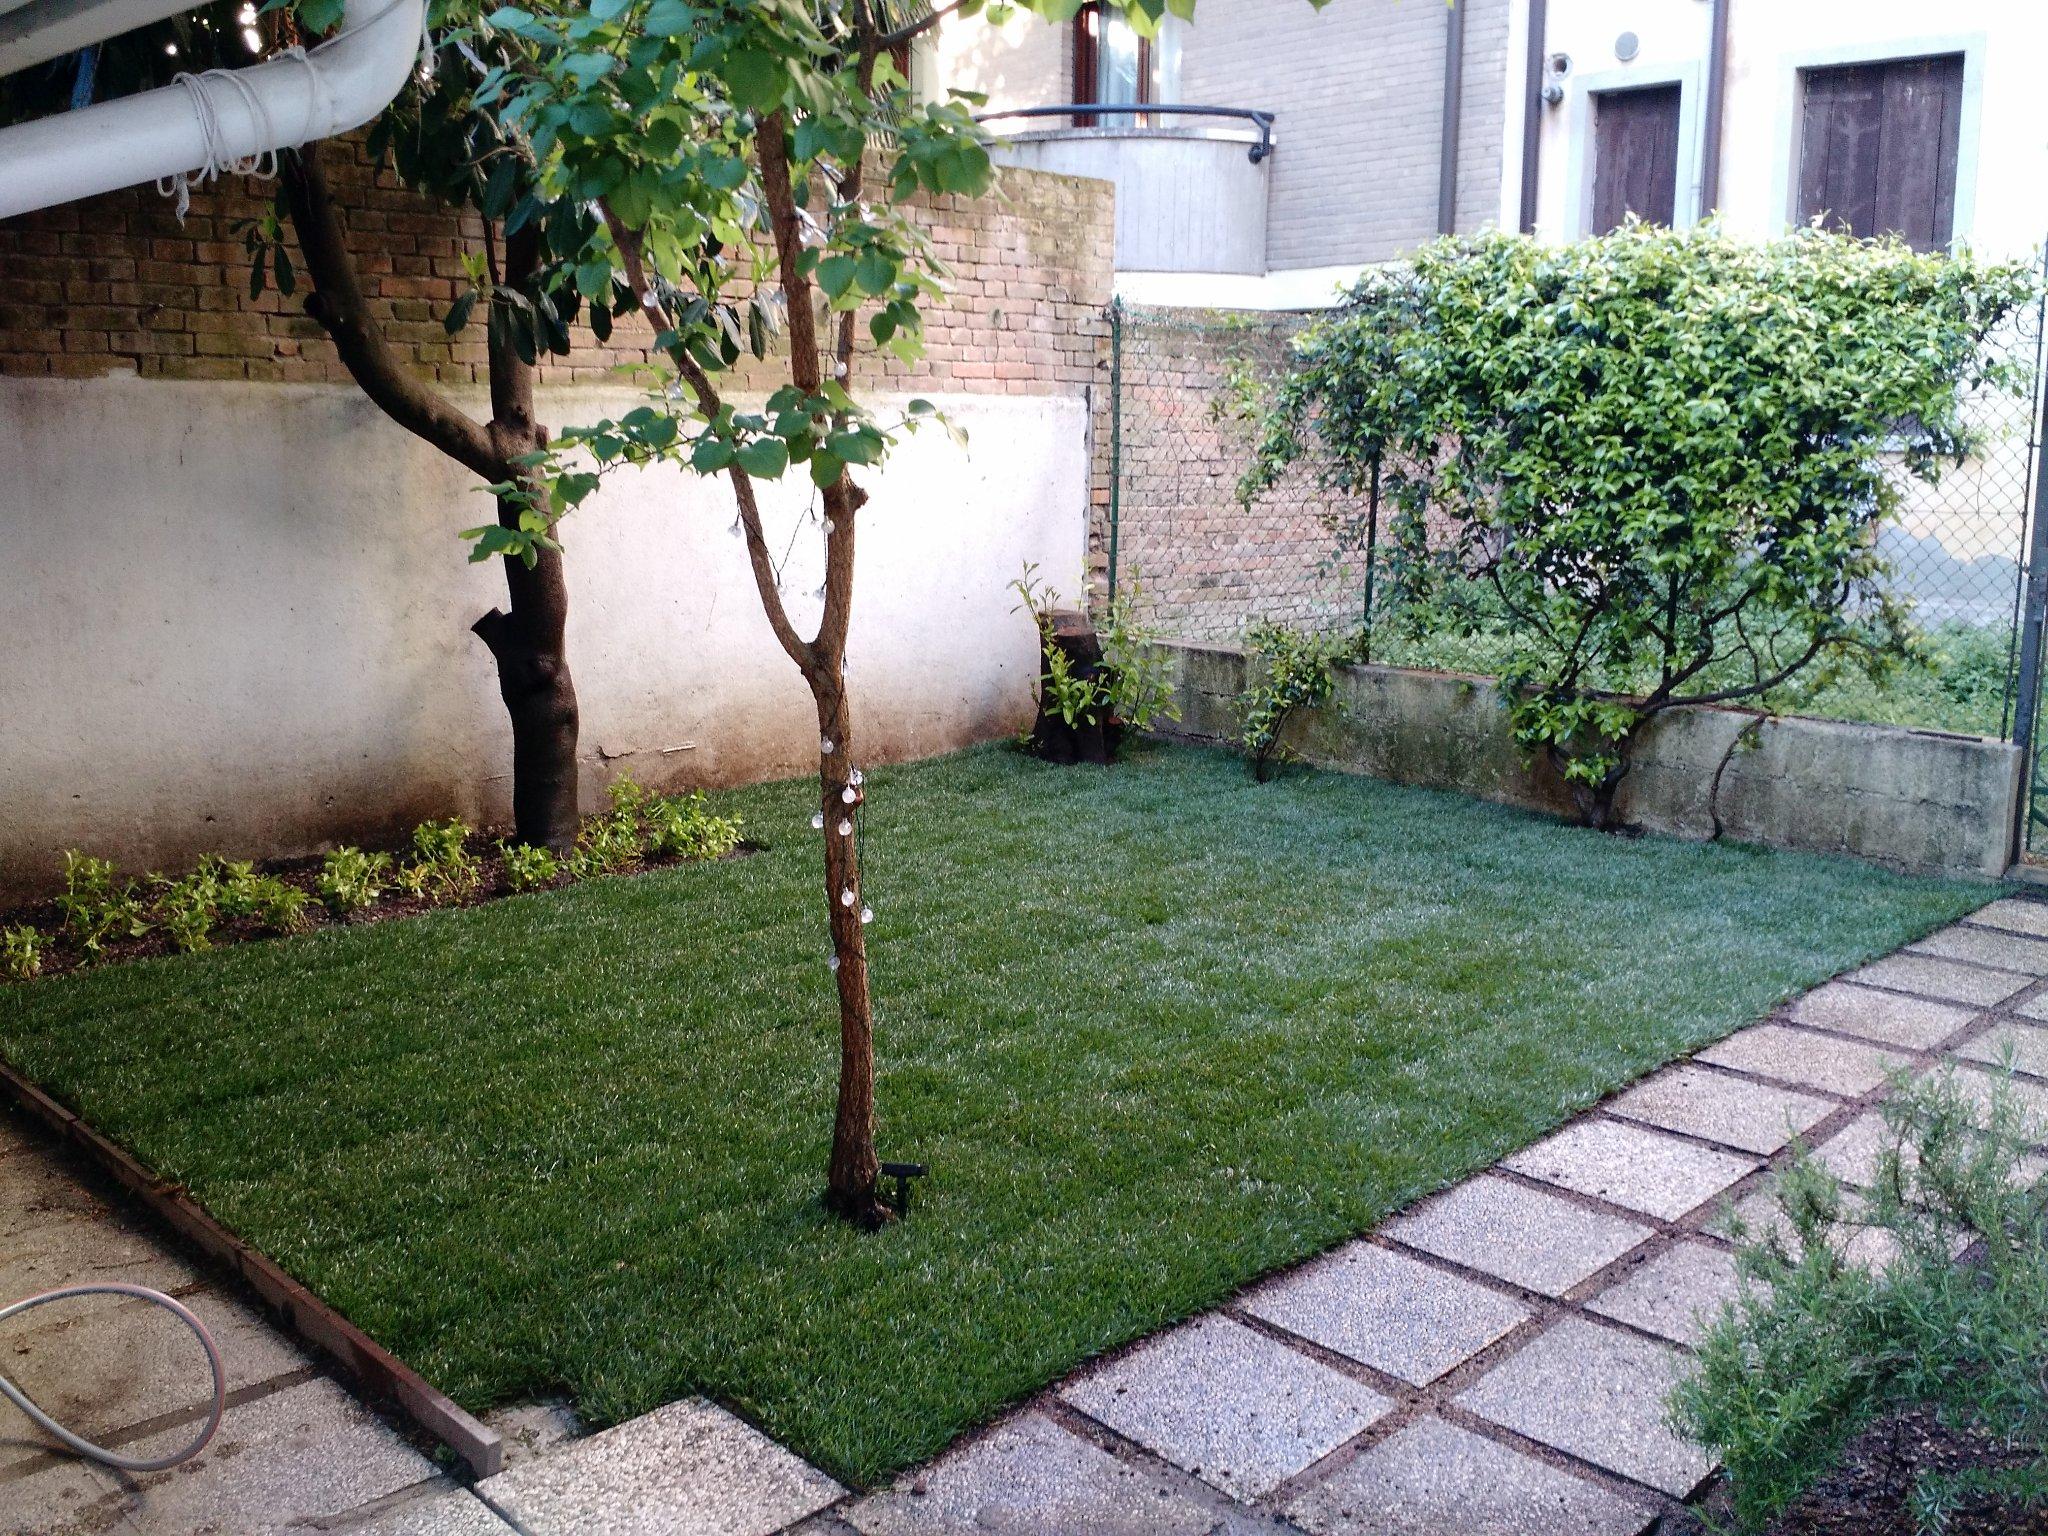 Sistemazione giardino e semina della nuova erba 25 mq for Giardino 80 mq